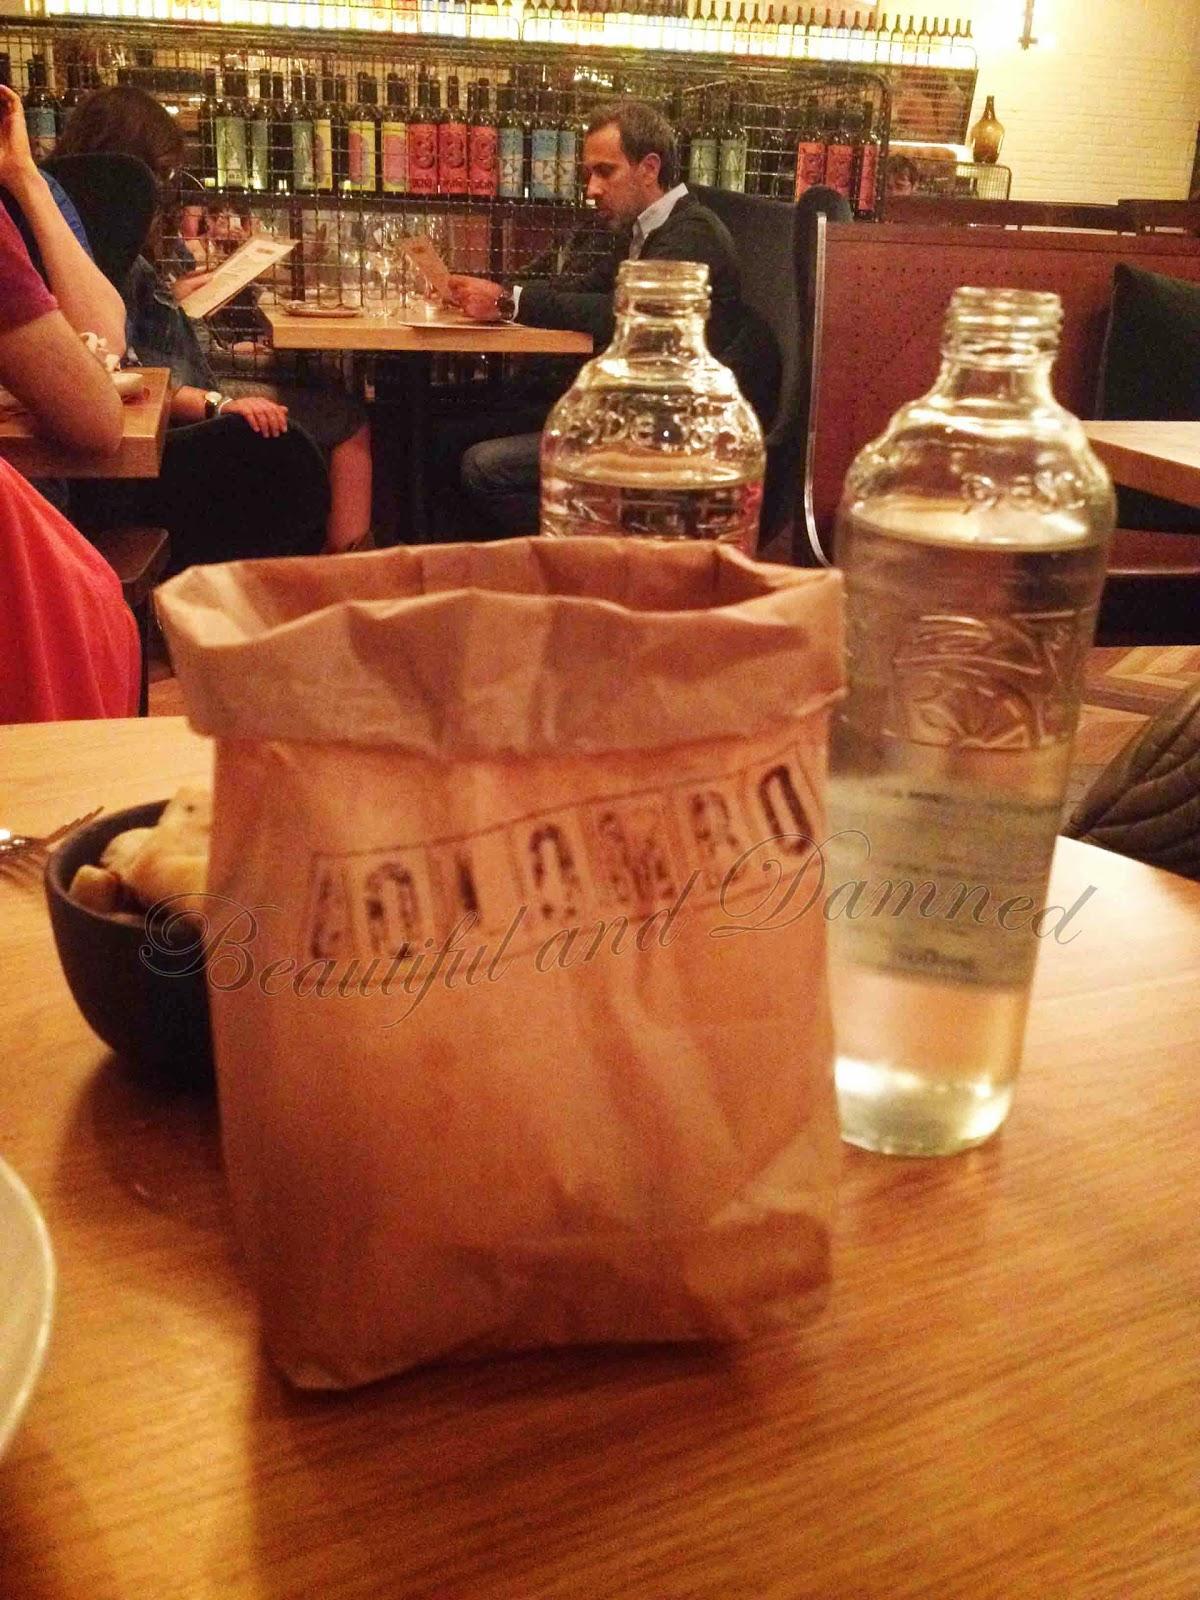 Detalle de la bolsa de pan